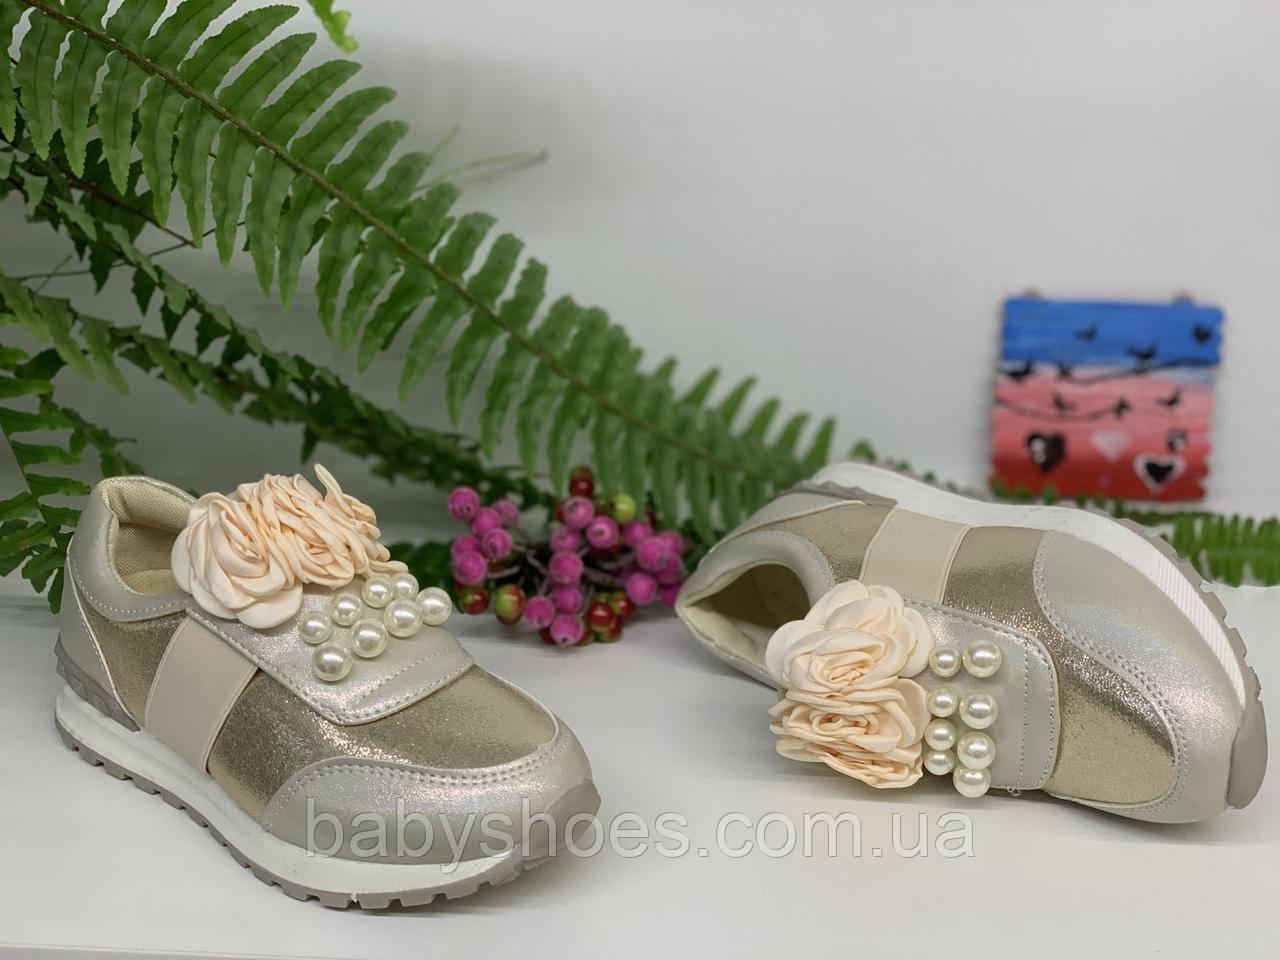 Кроссовки для девочки Waldem Турция  р.32-37 КД-86-з